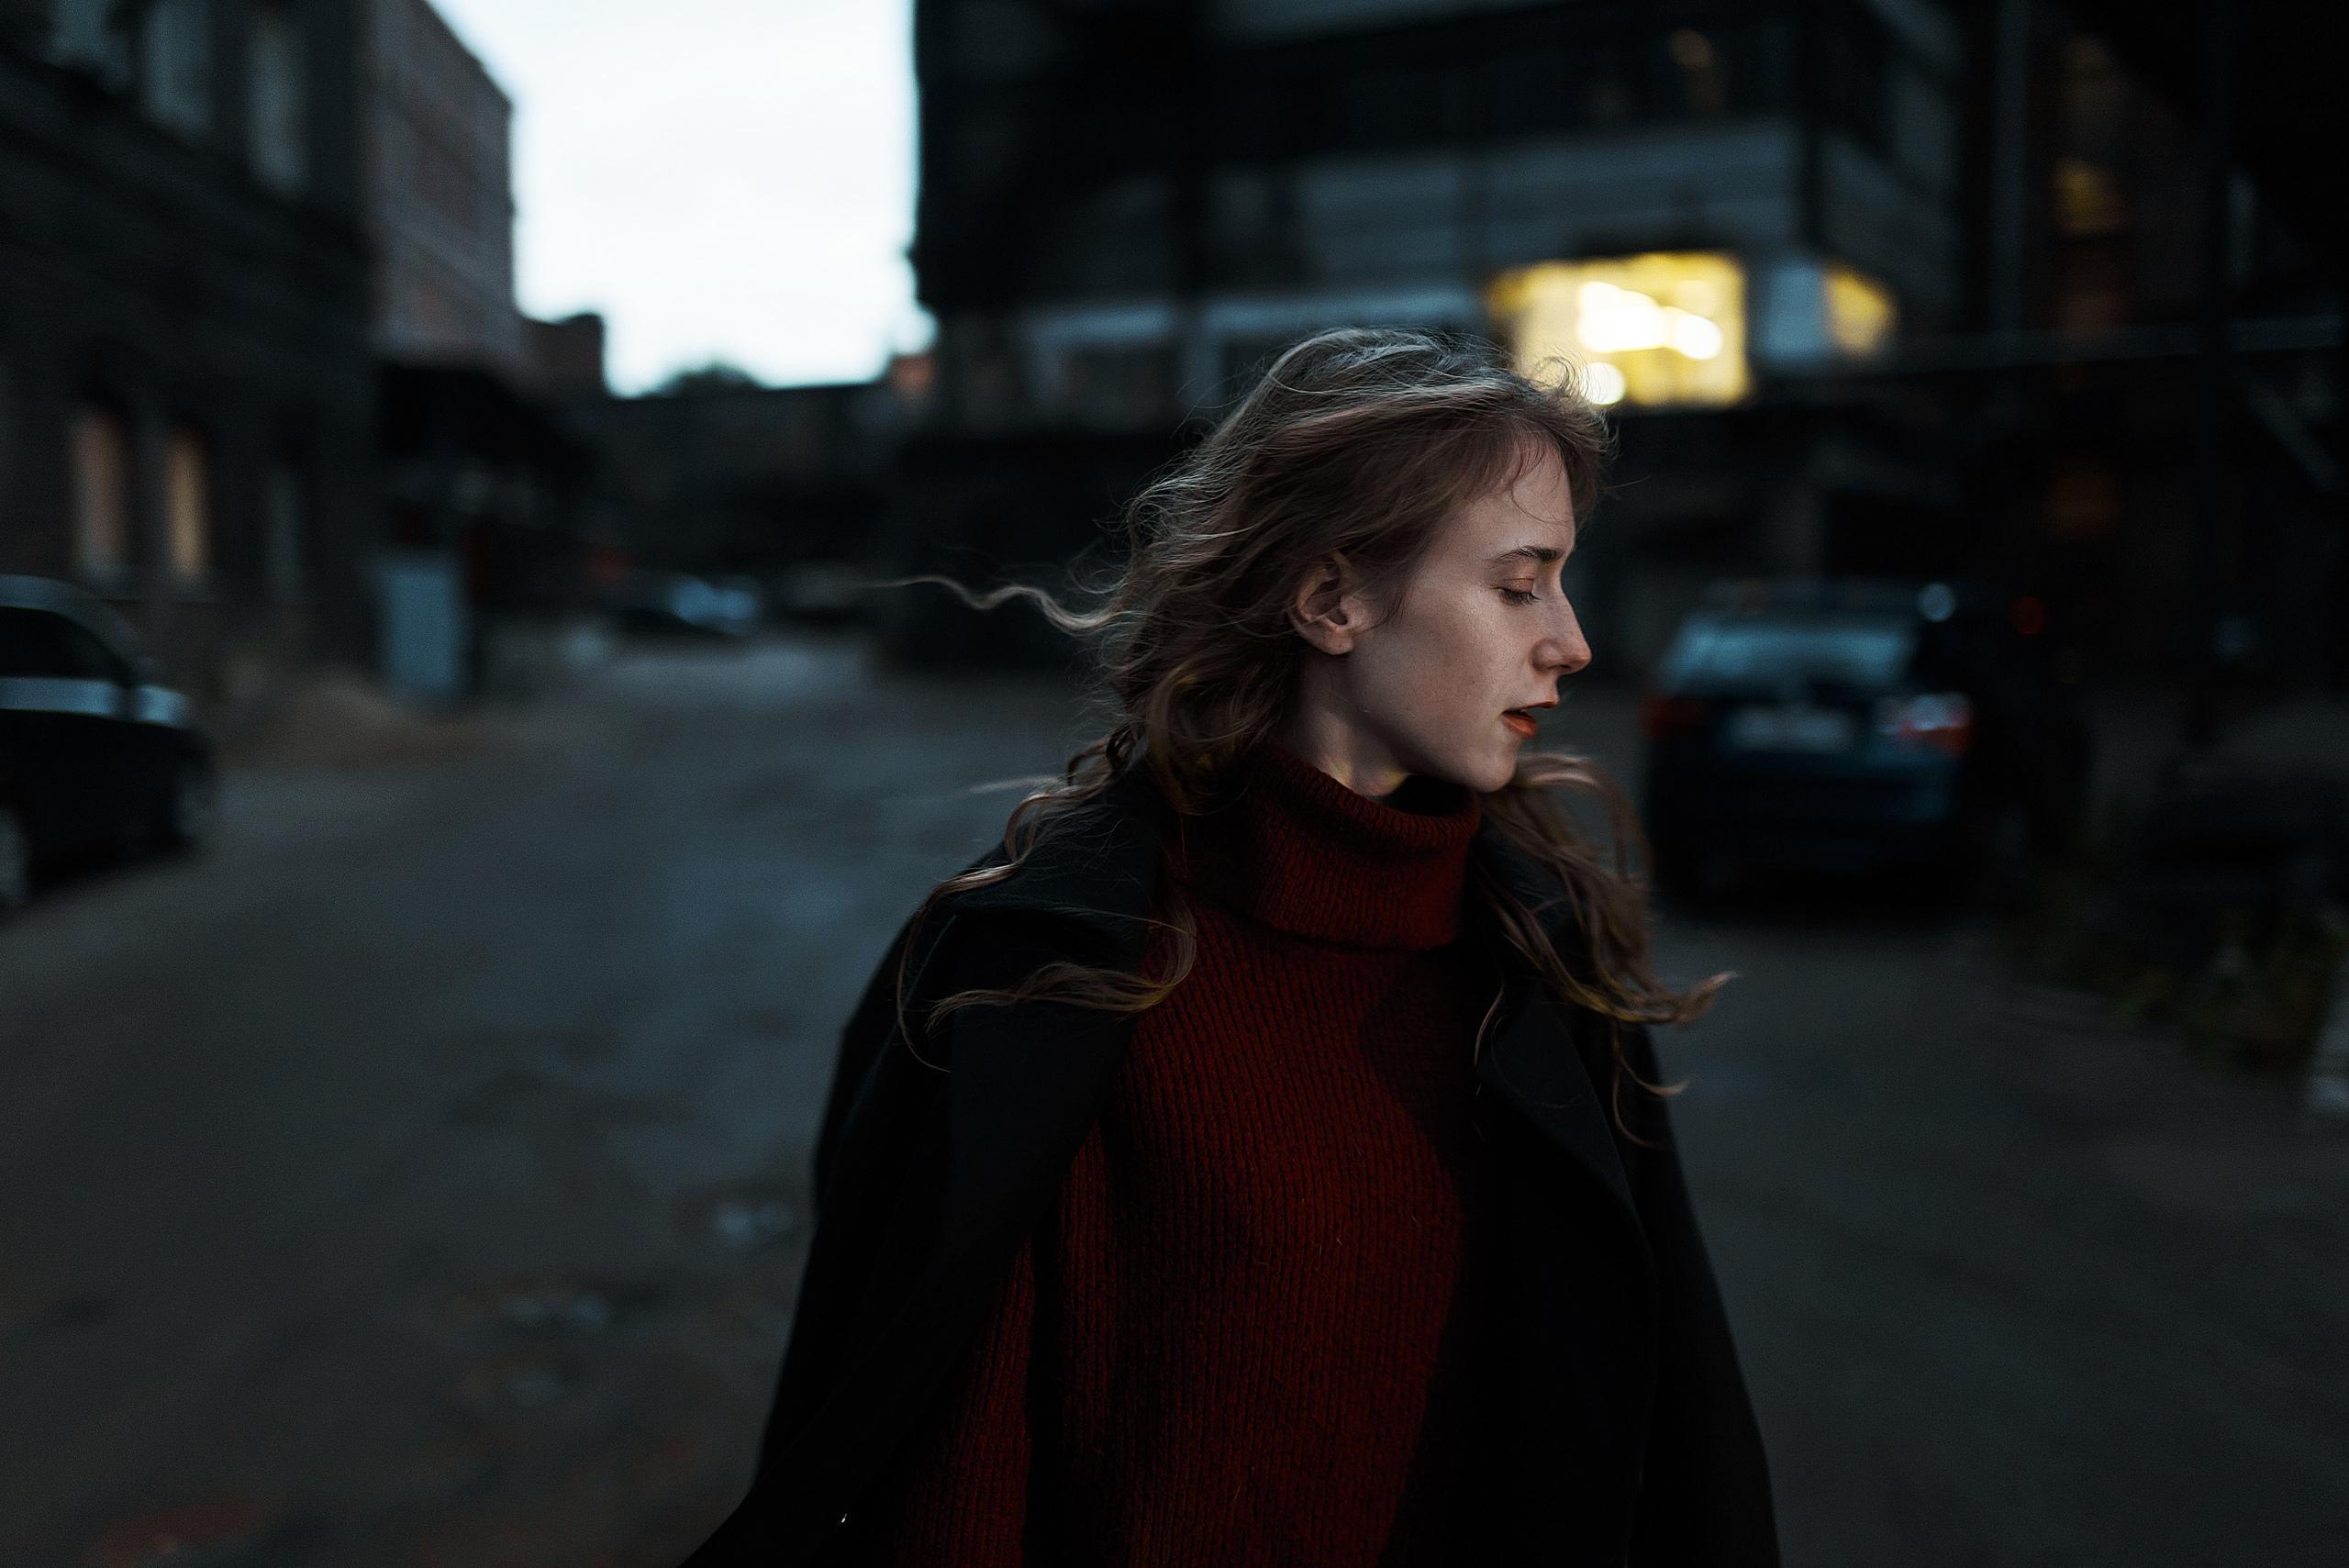 https://youngfolks.ru/pub/model-ulyana-naydenkova-32449600